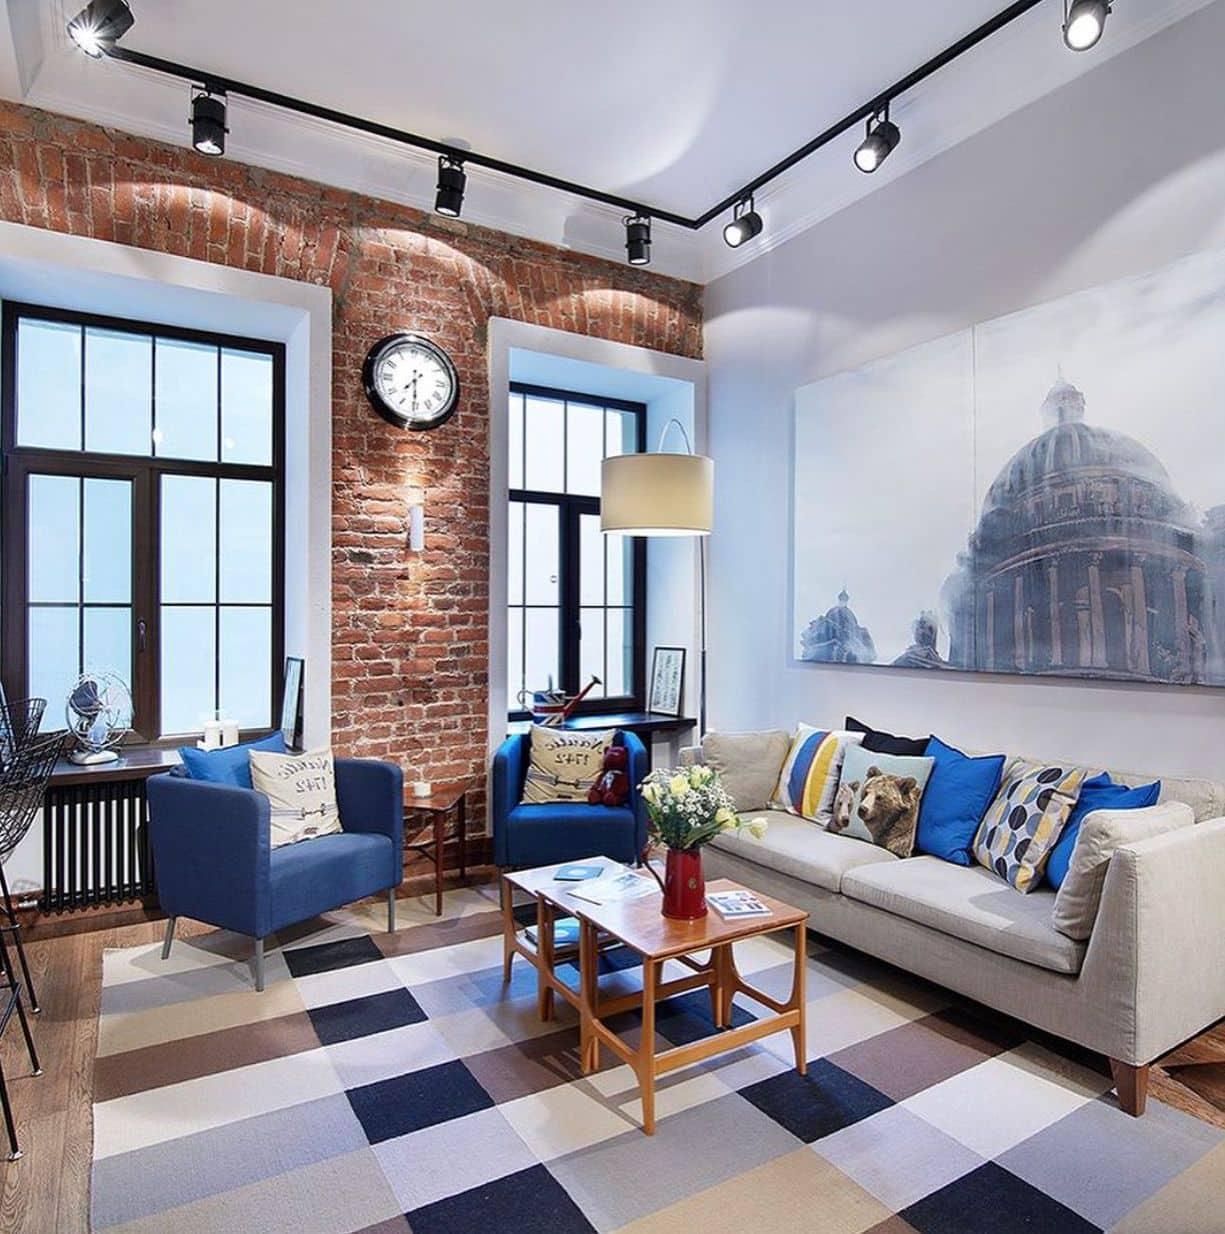 Комфортное расположение дивана, журнального столика и двух кресел